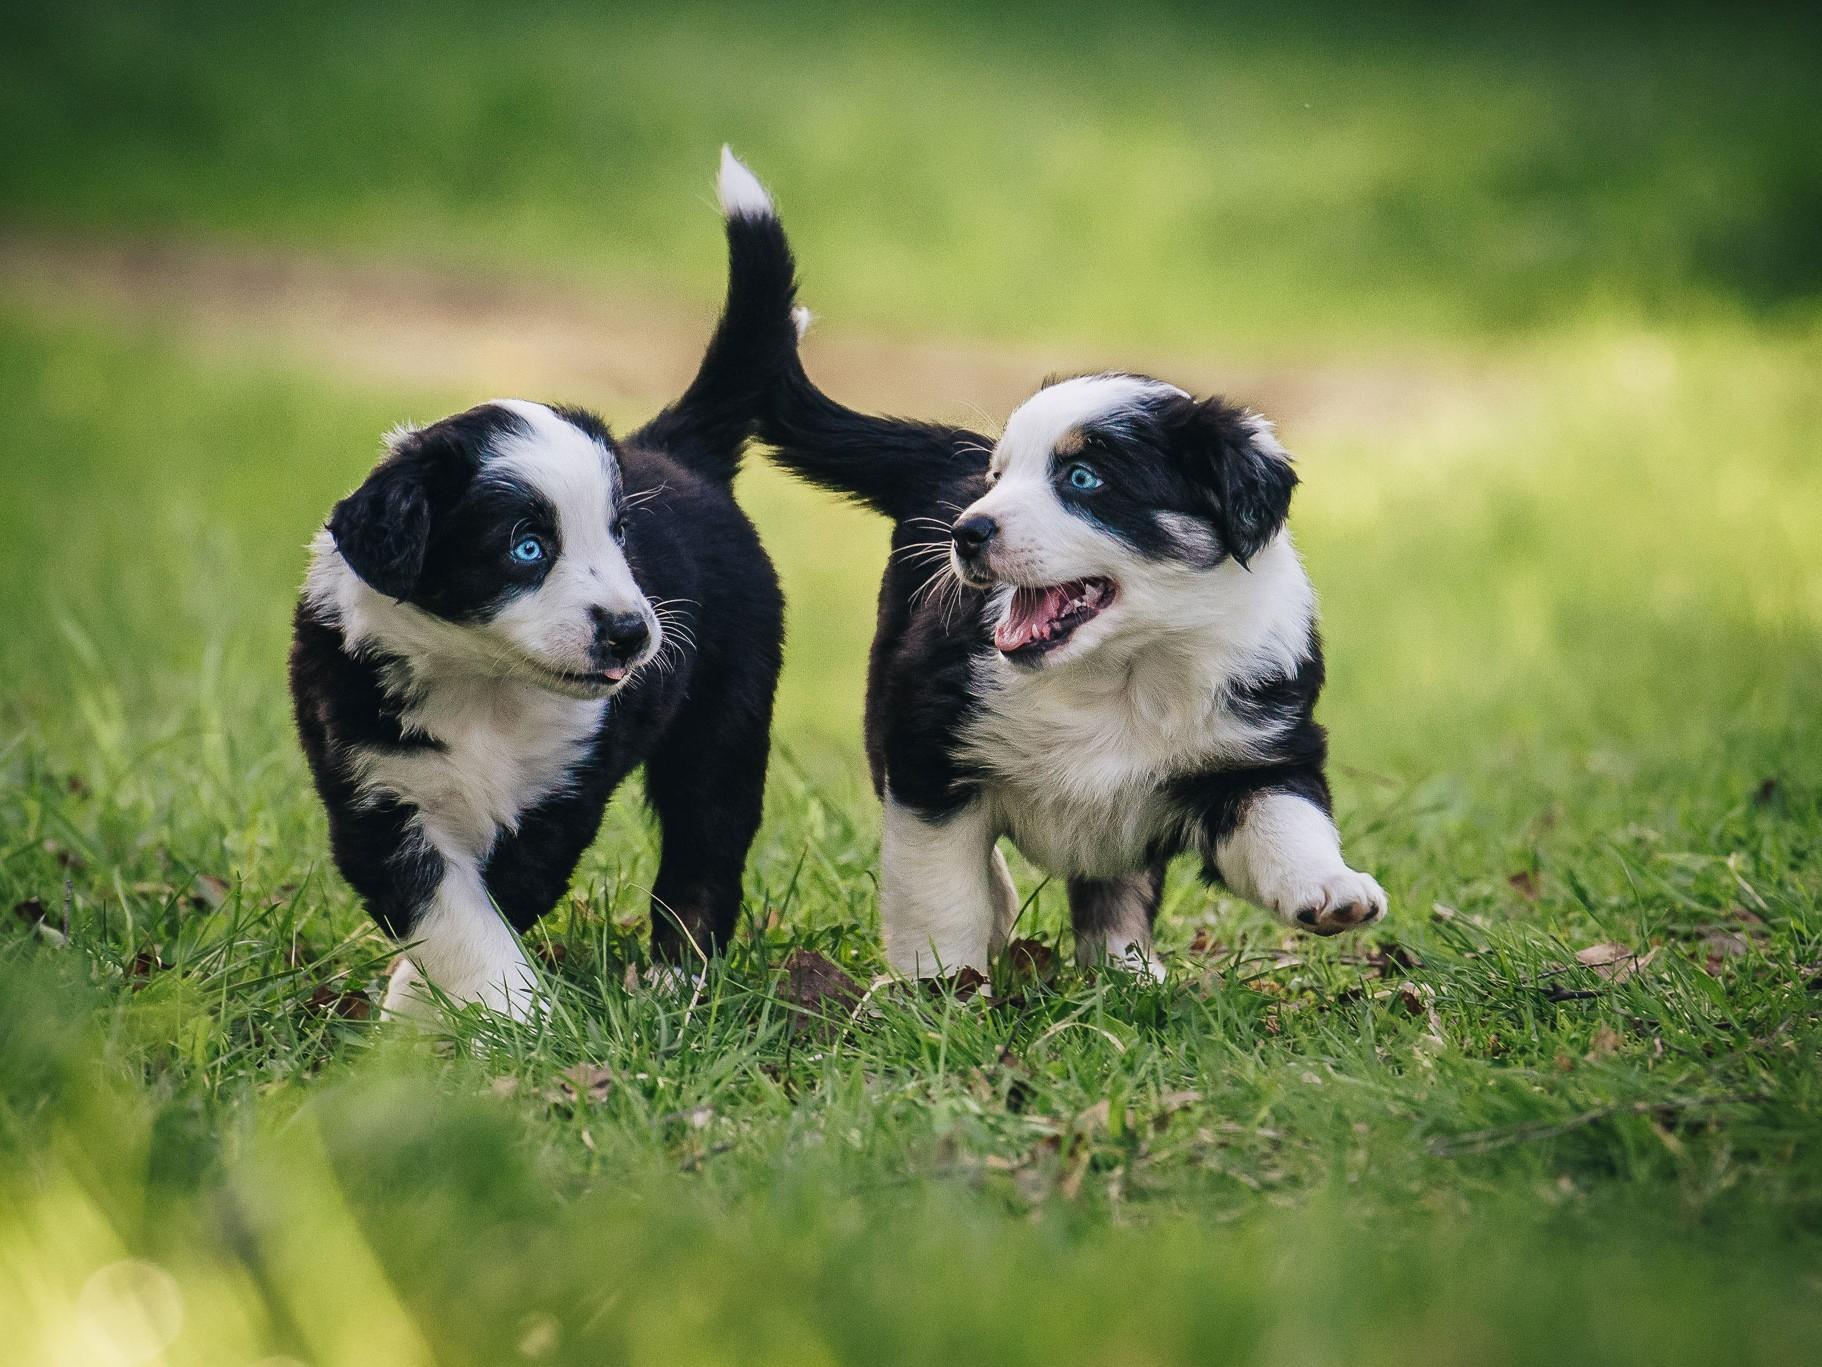 Eläinlääkäriaseman Helmen tietoartikkelit - Koiranpentu tulee taloon